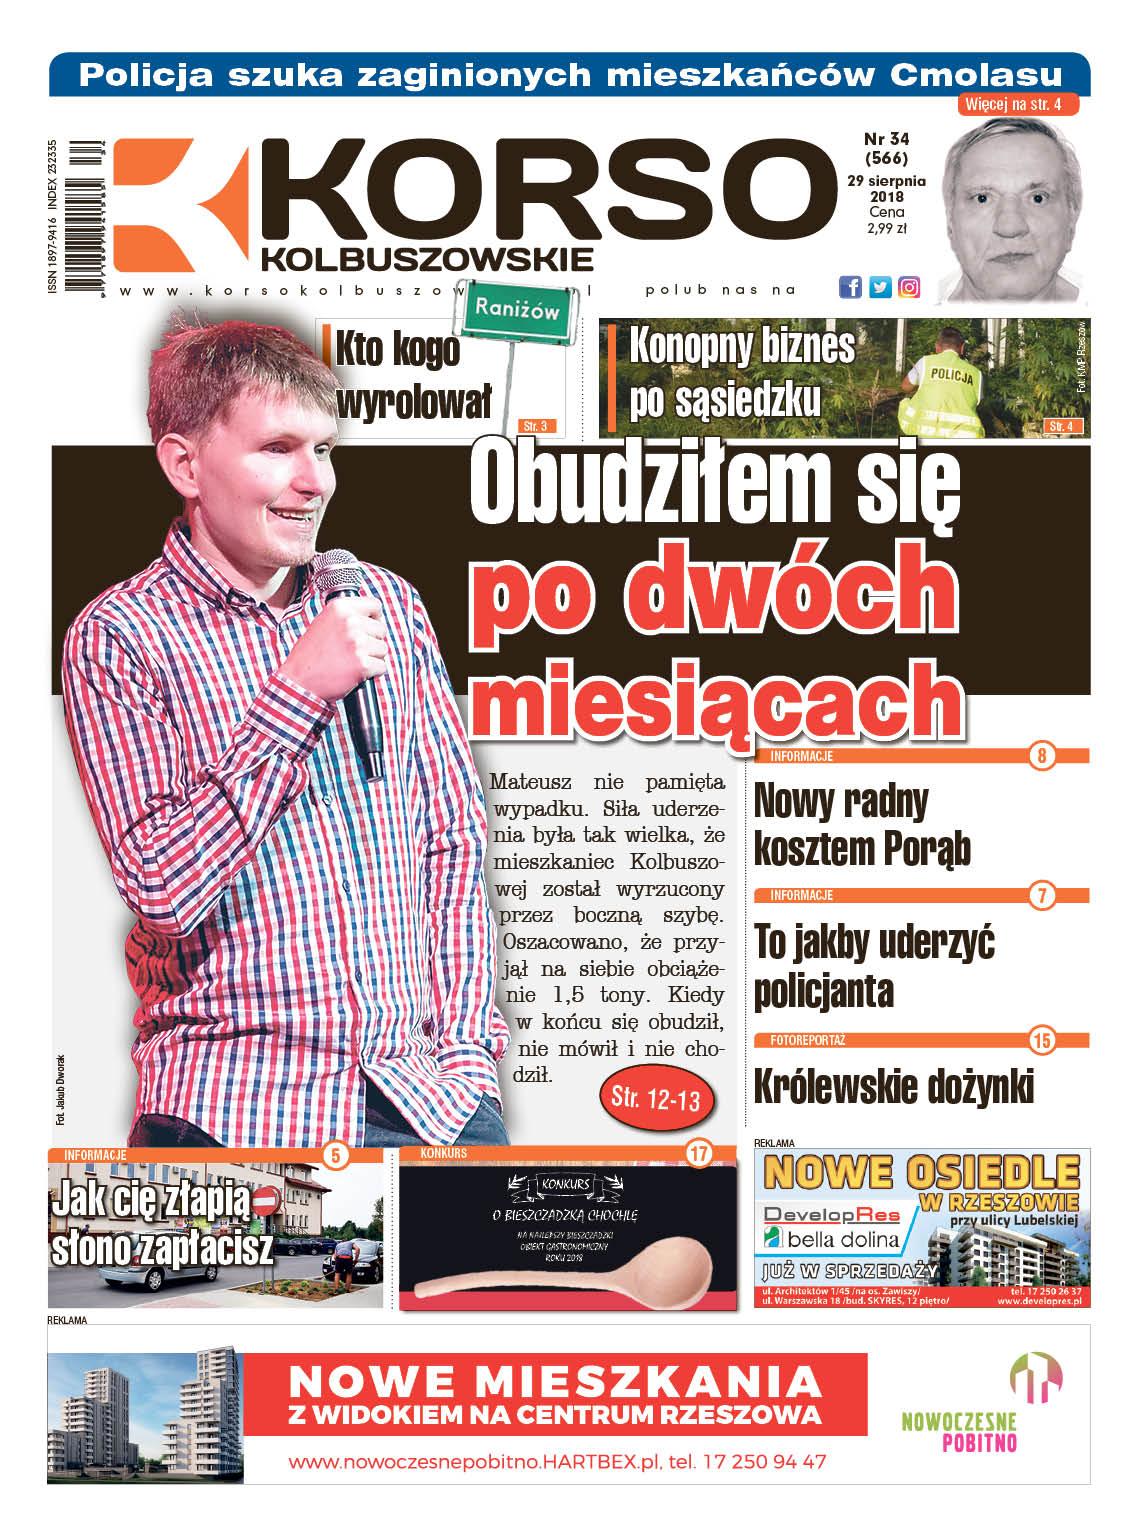 Korso Kolbuszowskie - nr 34/2018 - Zdjęcie główne